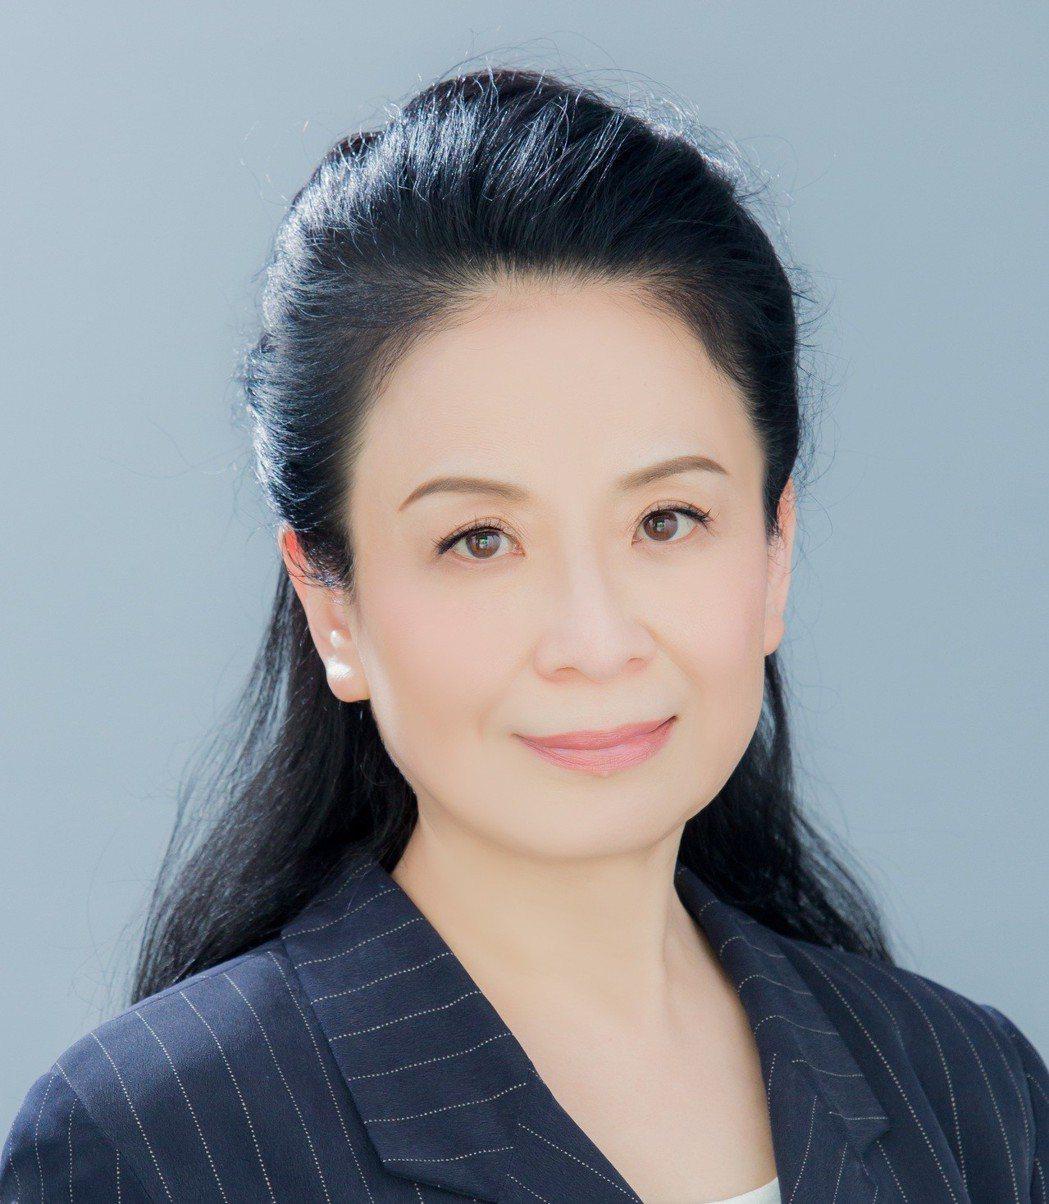 亞洲大學副校長林蔚君,同時也是台灣INFORMS大會主席是此次活動的推手。 亞洲...